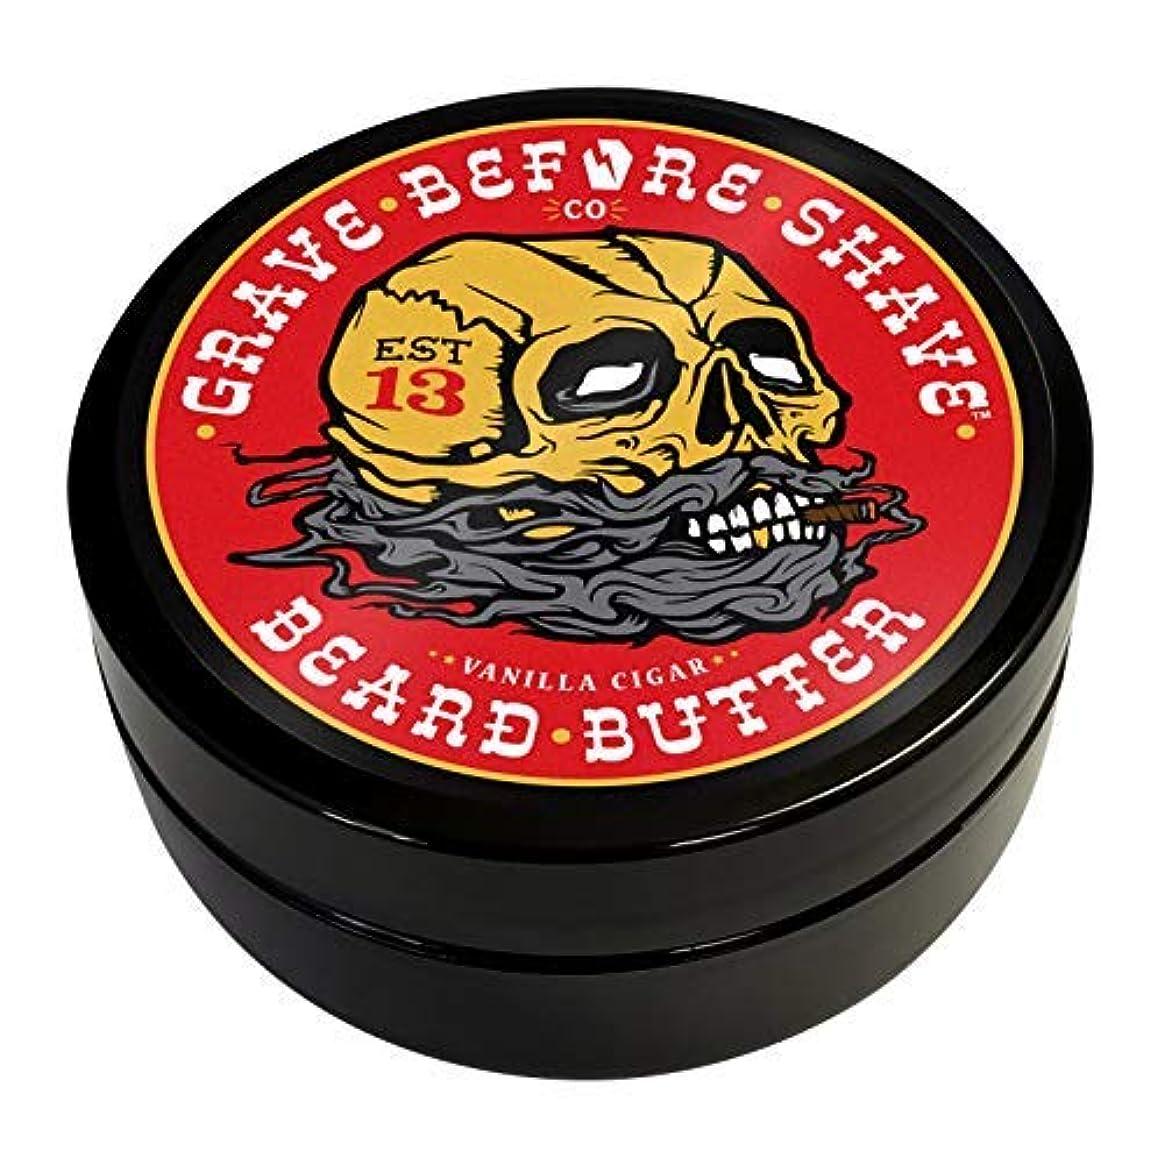 代名詞そこ完全にGrave Before Shave Cigar Blend Beard Butter [並行輸入品]